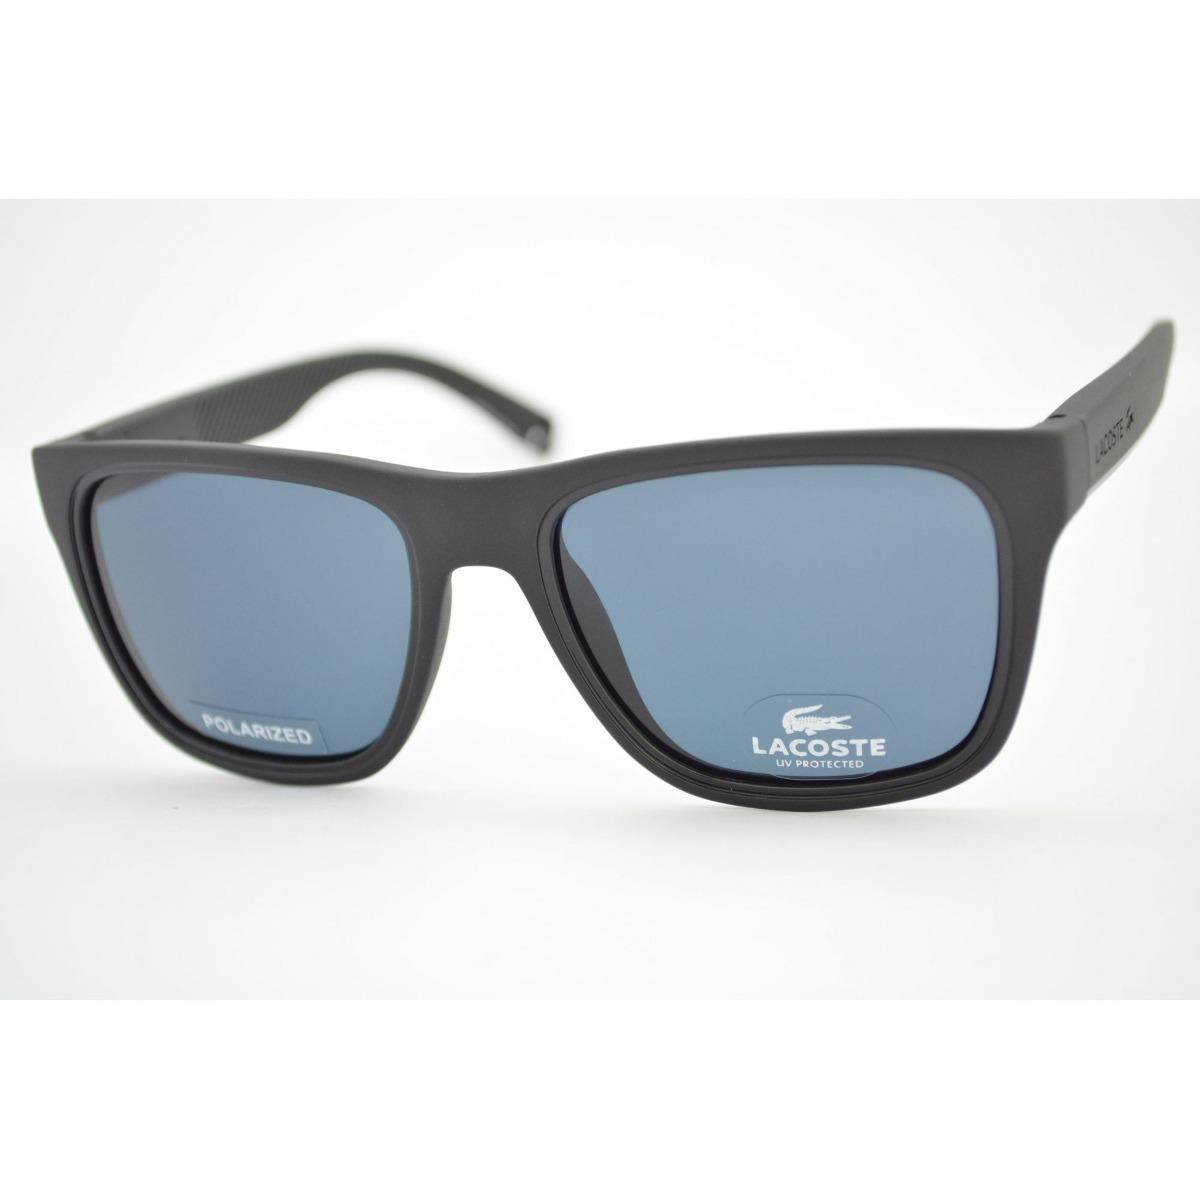 18debf7257524 Óculos De Sol Lacoste L816sp 001 - R  559